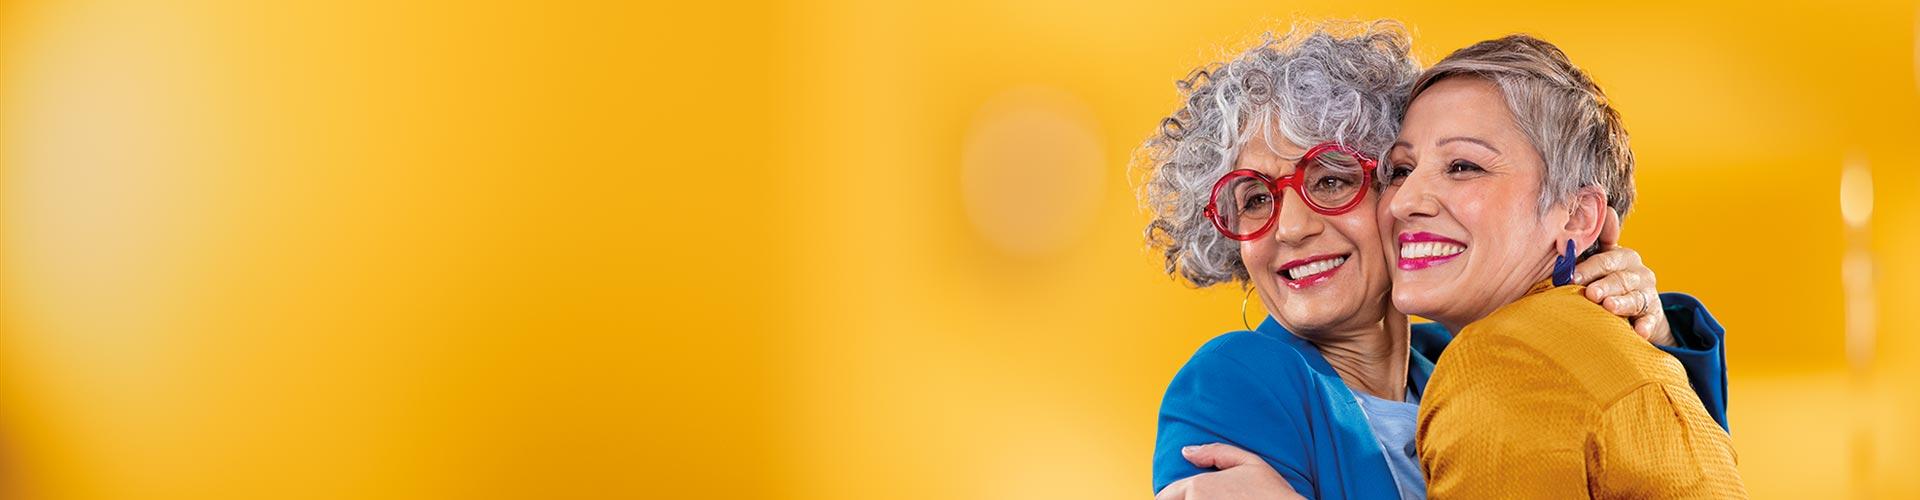 Dwie przytulające się kobiety w średnim wieku. Jedna z nich nosi prawie niewidoczne wewnątrzuszne aparaty słuchowe Philips HearLink.